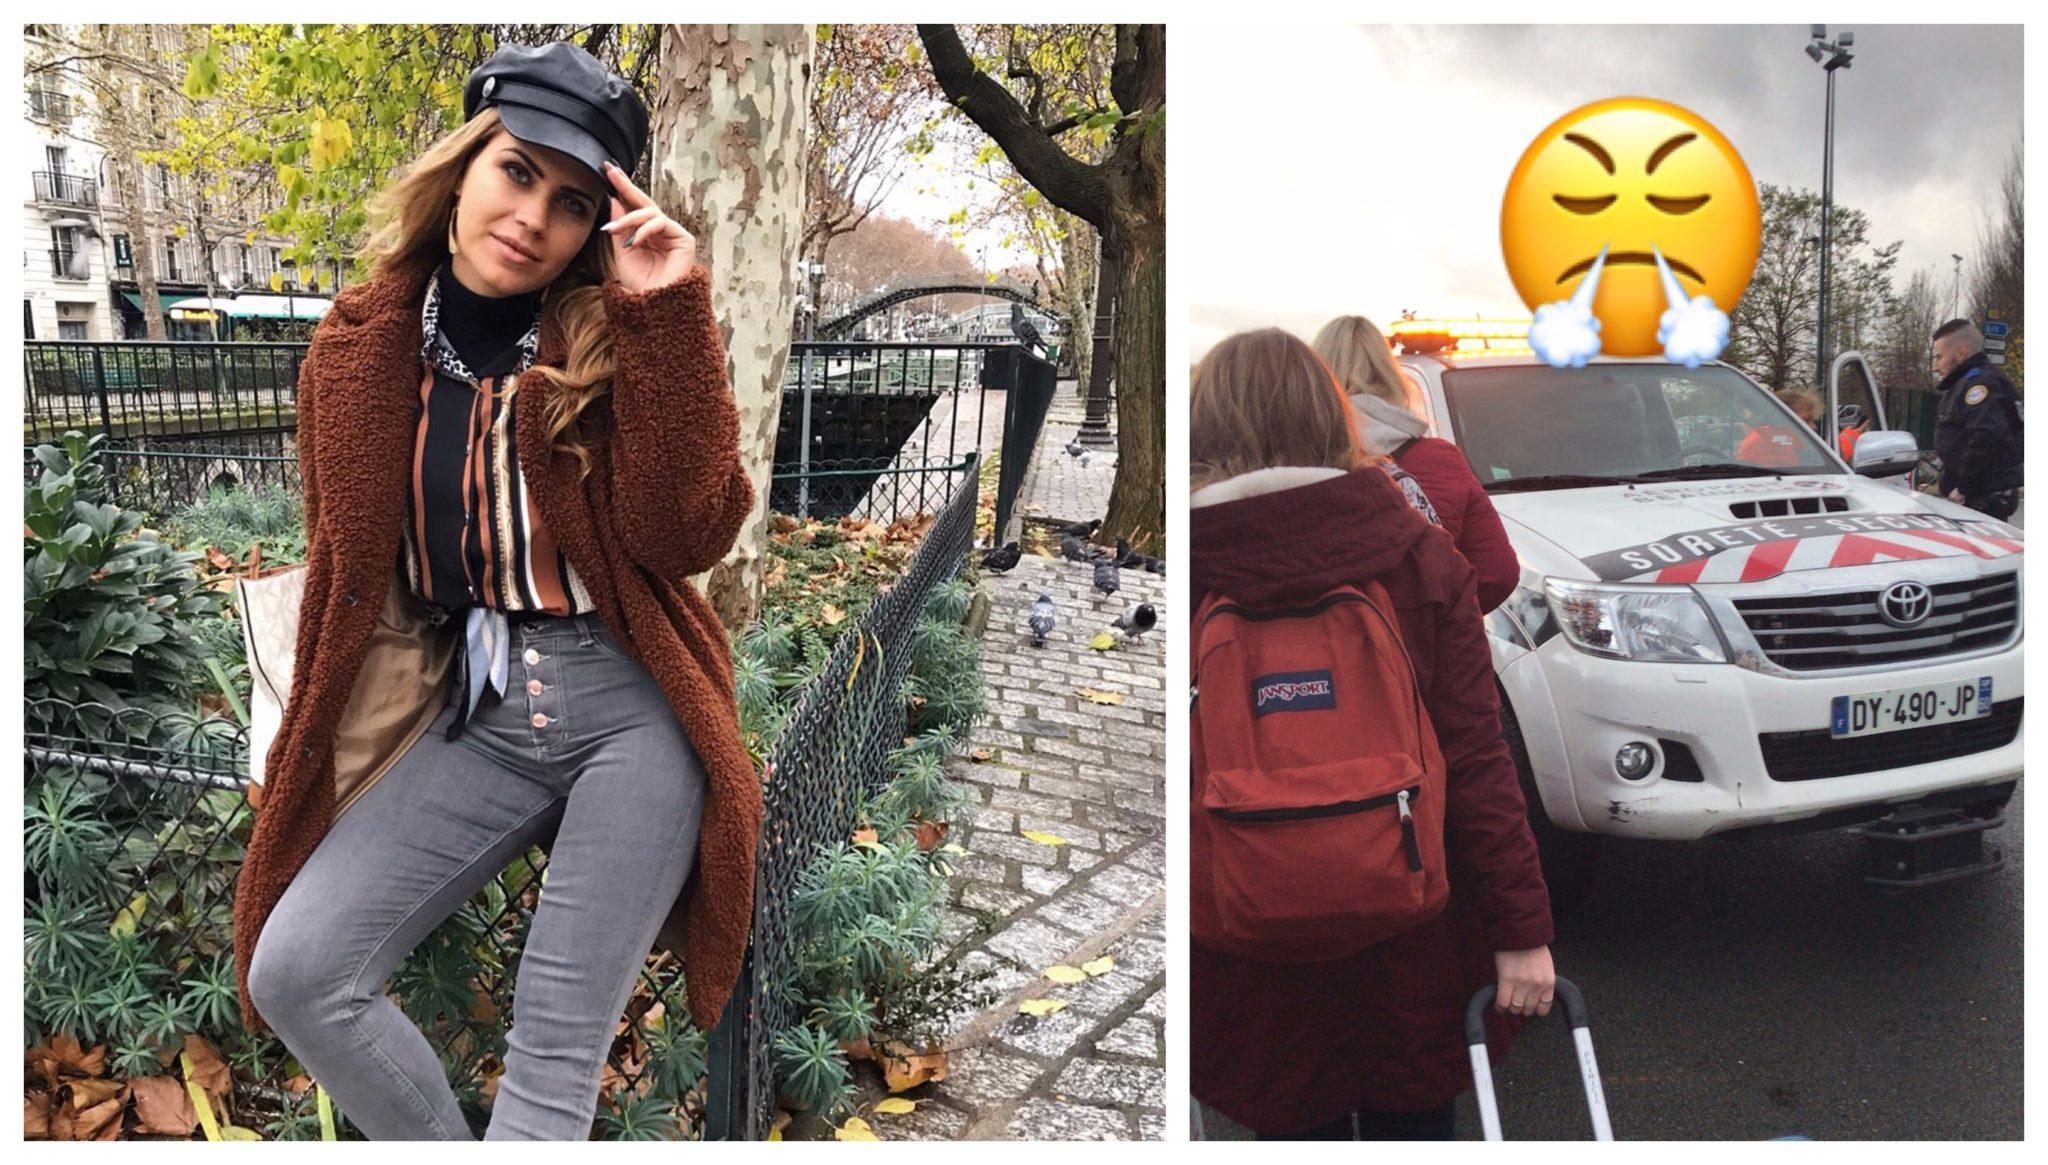 carina ferreira panico franca Casa dos Segredos: Carina Ferreira vive momentos de pânico em Paris